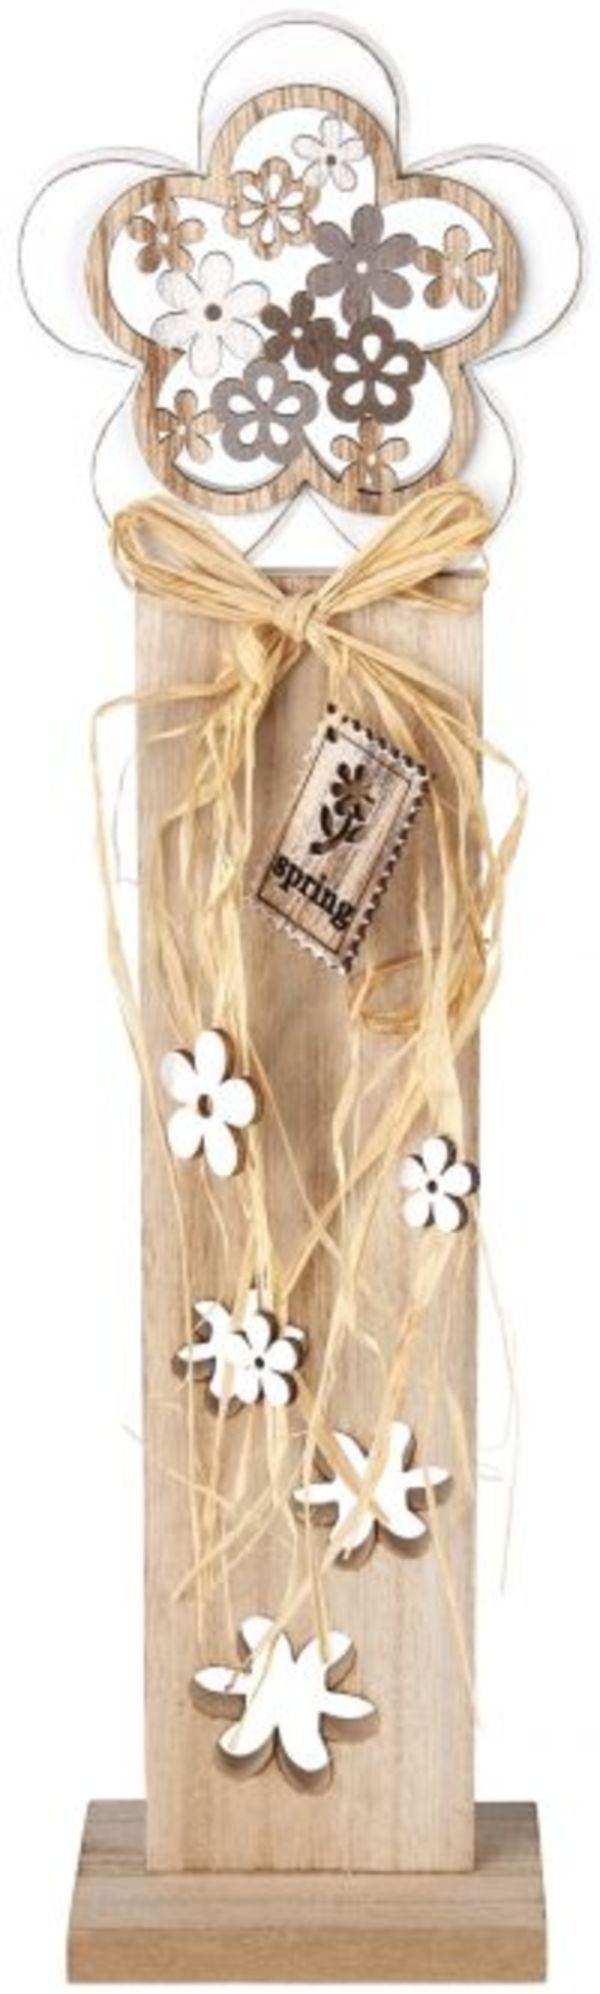 Standdeko - Blume - aus Holz - 10 x 6 x 40,5 cm